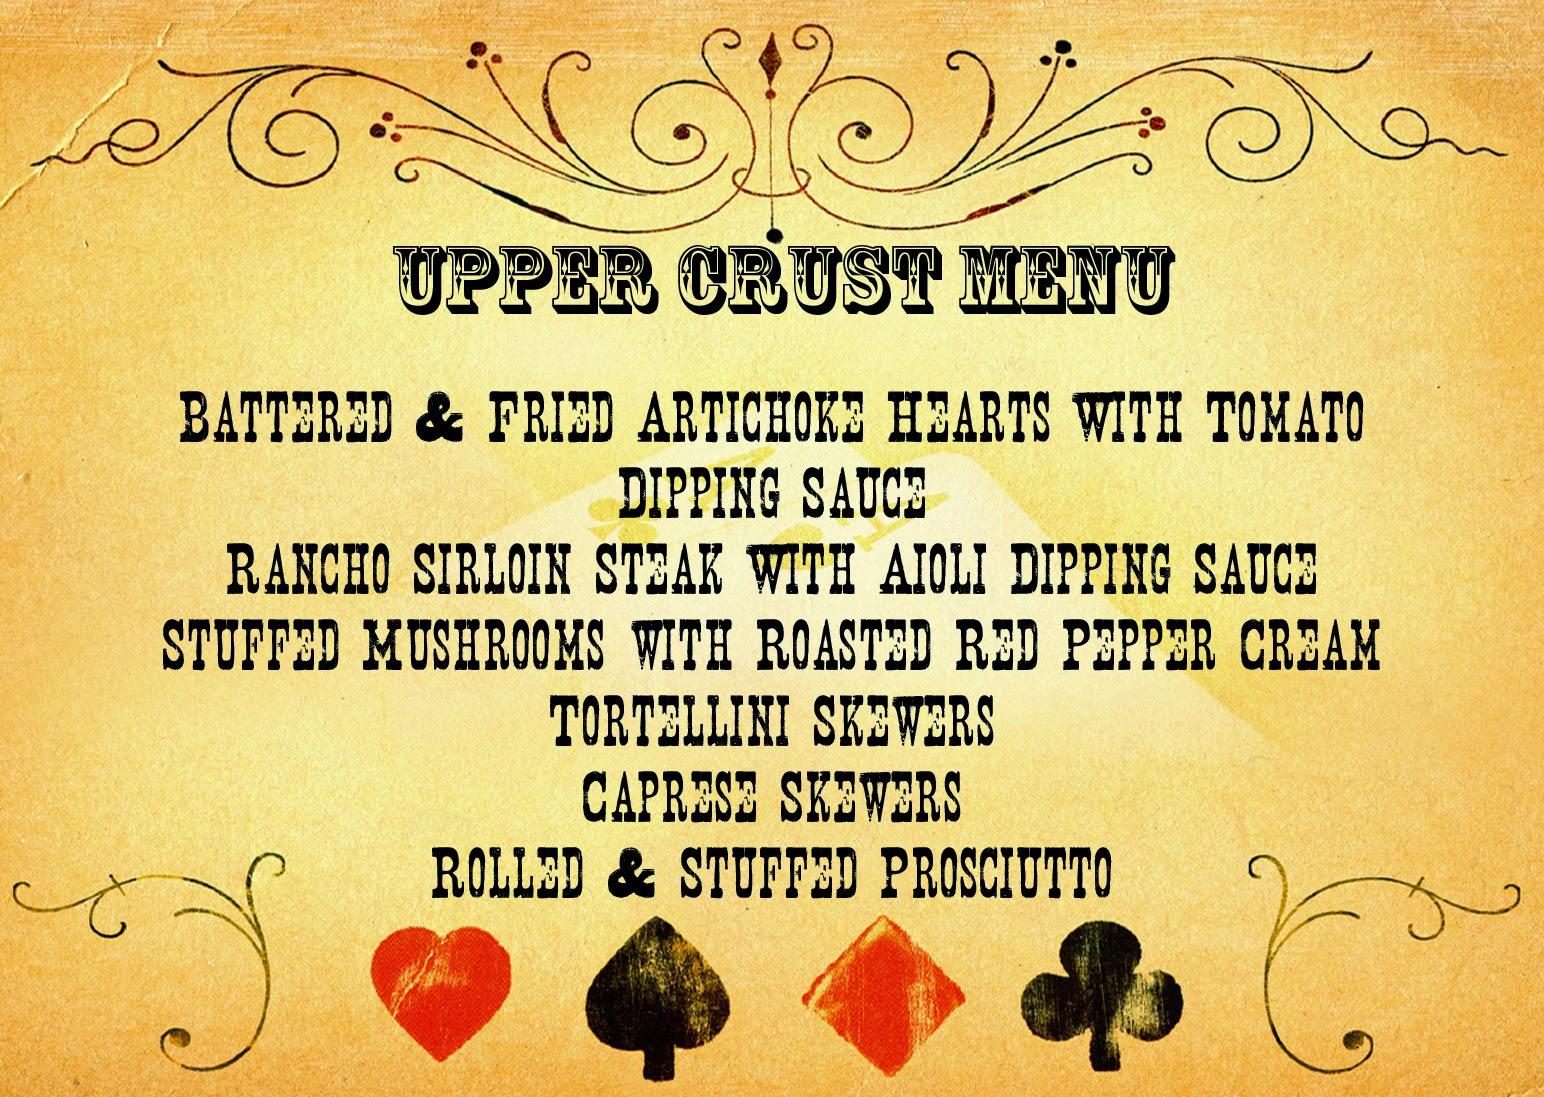 http://1.bp.blogspot.com/-7crCxpLLSCg/VRD4mIH6KwI/AAAAAAAABX4/P5vX3CIAMNk/s1600/upper-crust-menu.jpg